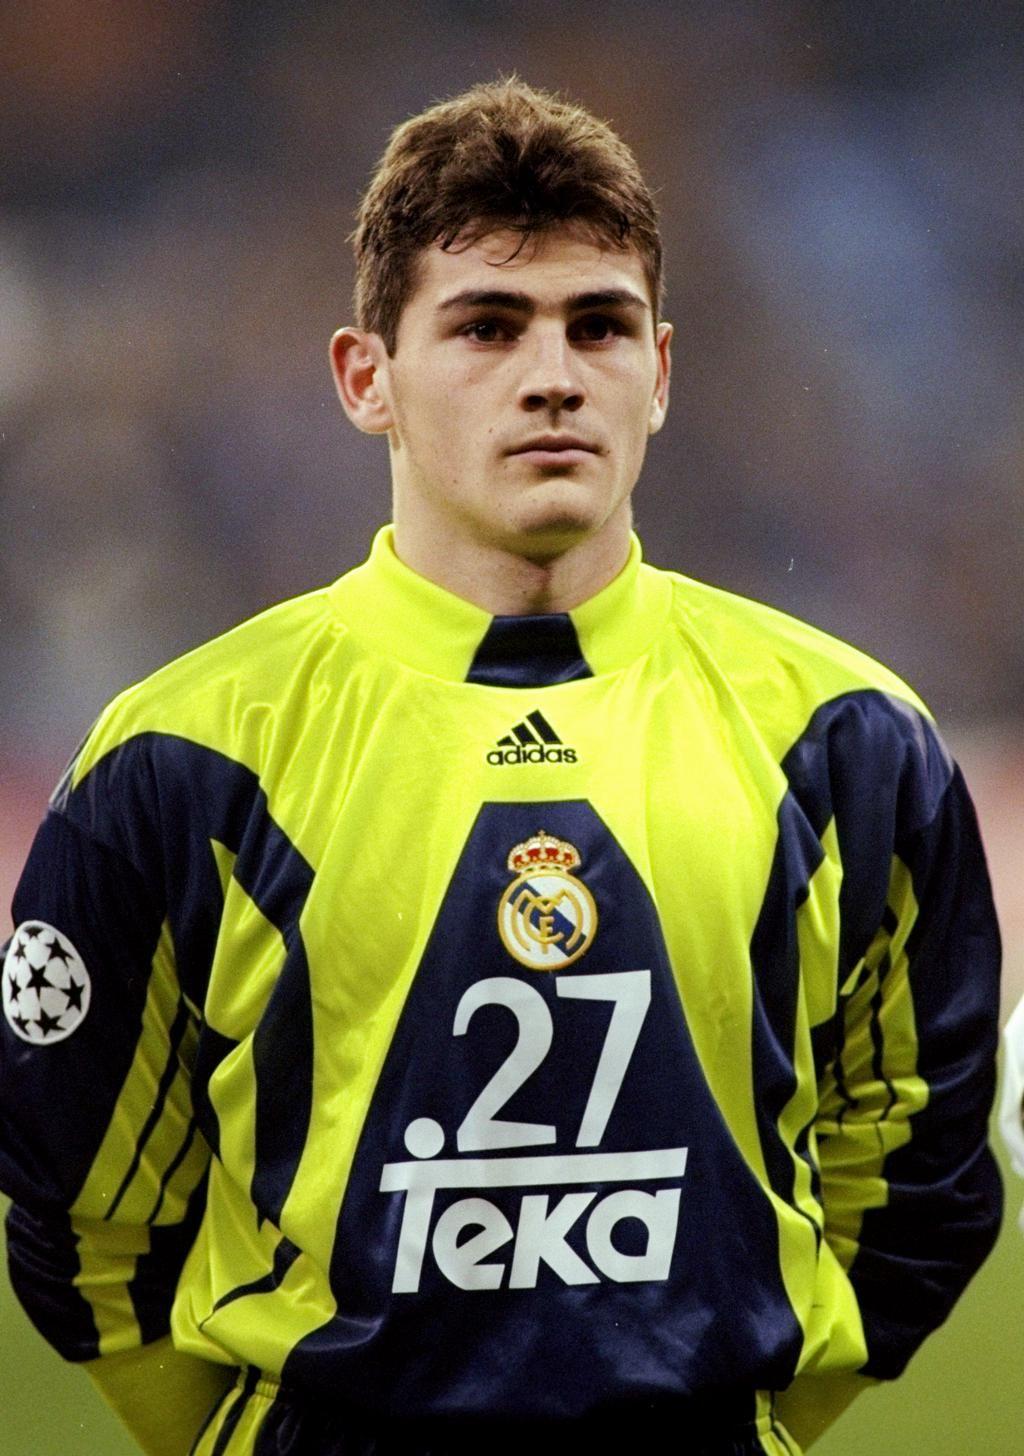 Iker Casillas real madrid ile ilgili görsel sonucu